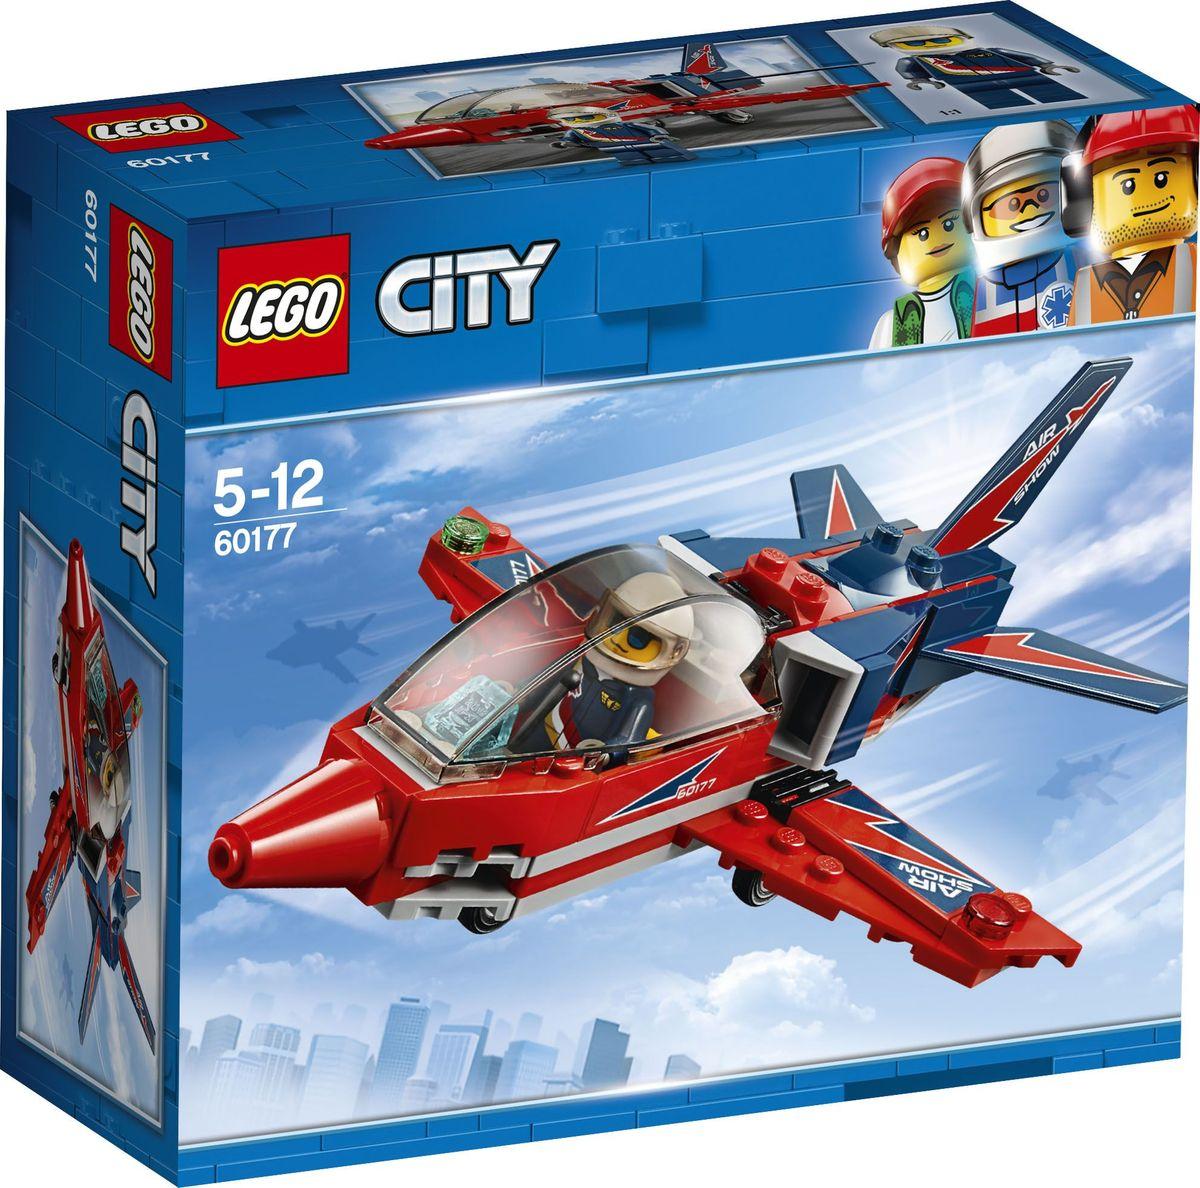 LEGO City Great Vehicles Конструктор Реактивный самолет 60177 lego 31039 конструктор greator синий реактивный самолет